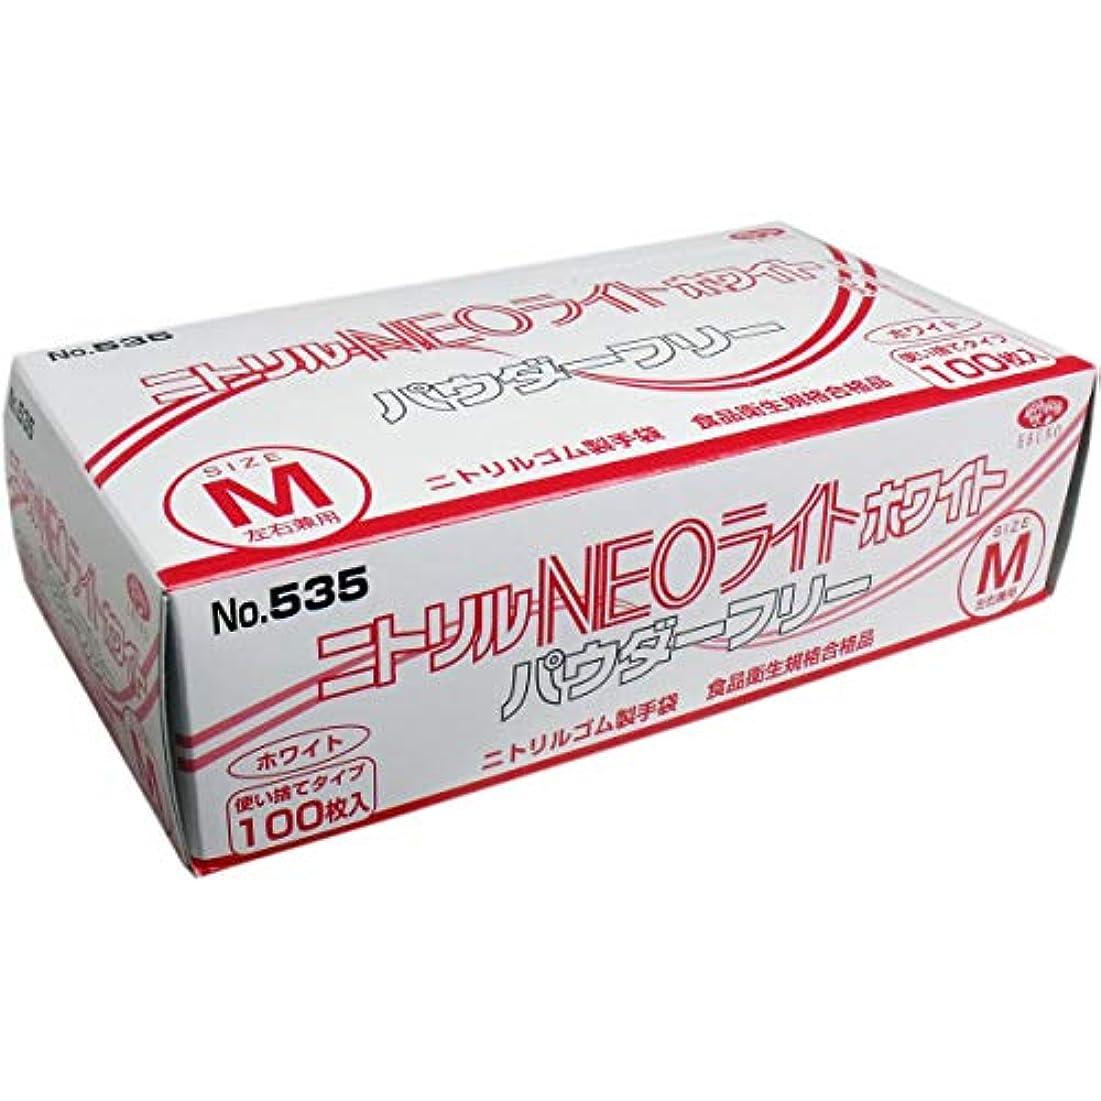 ディスクバター副詞ニトリル手袋 NEOライト パウダーフリー ホワイト Mサイズ 100枚入(単品)